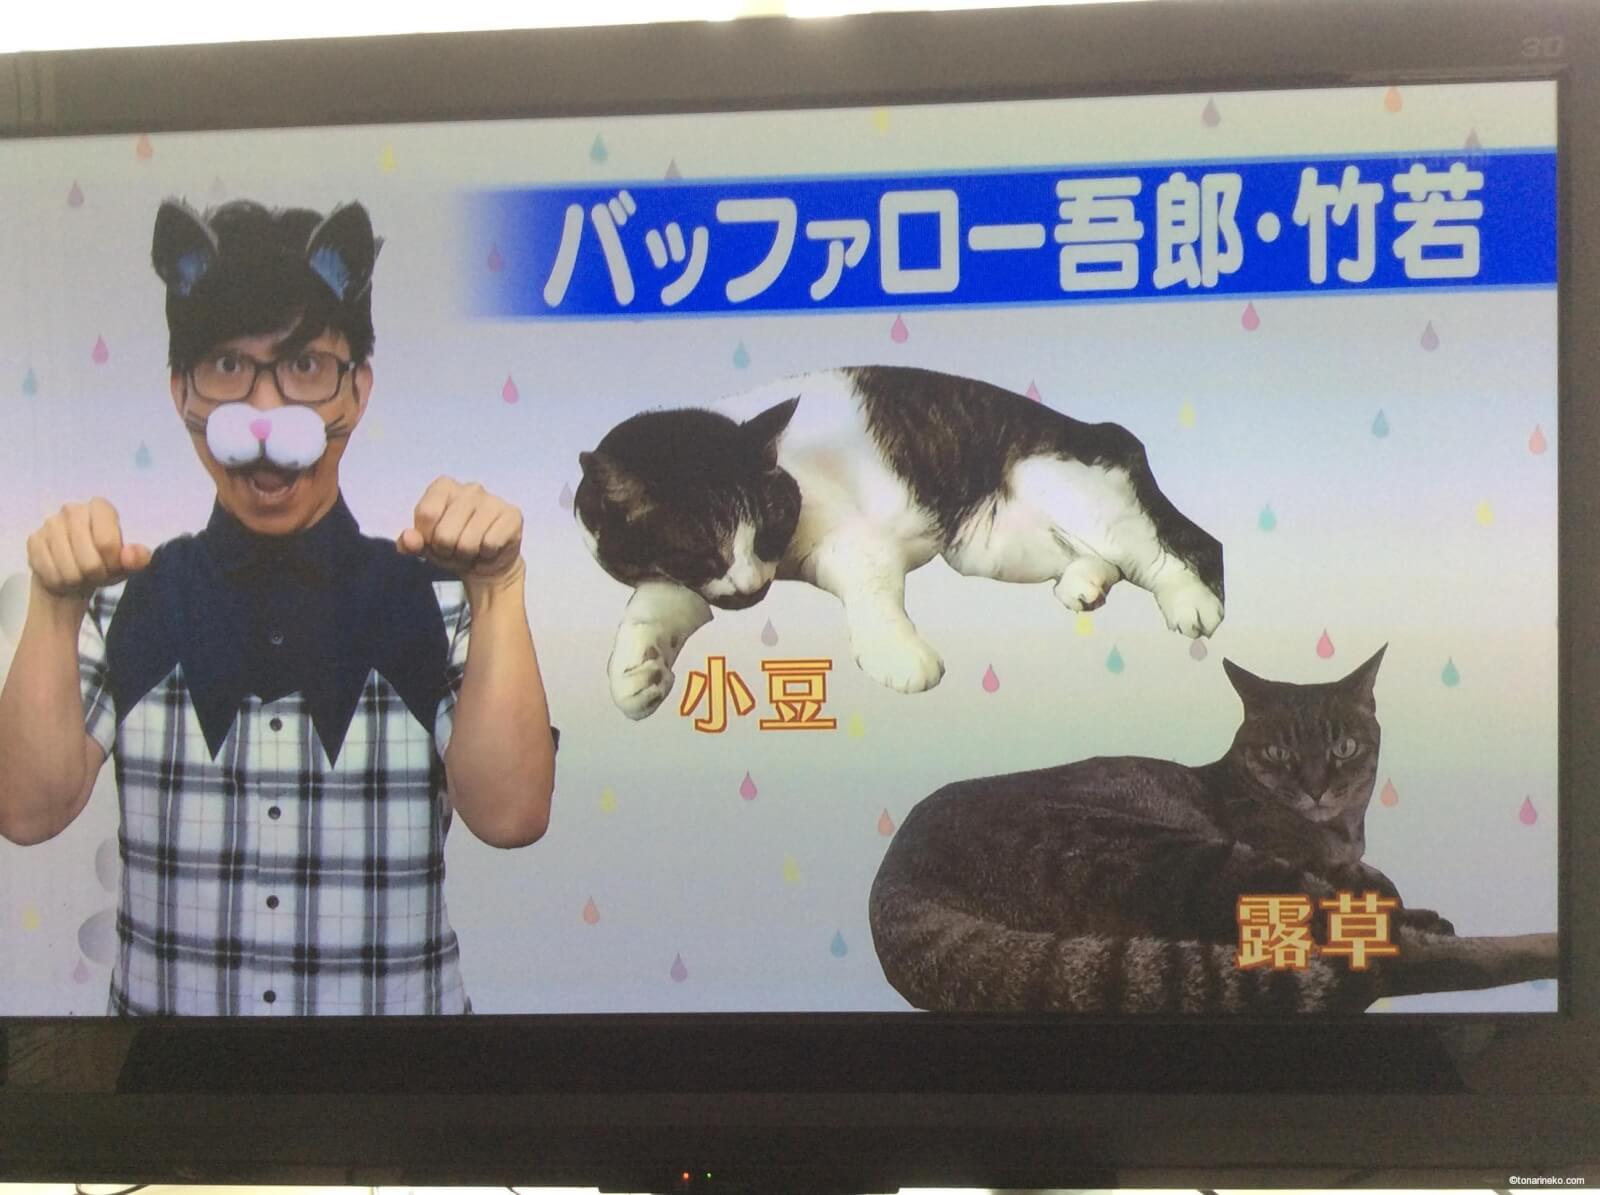 バッファロー吾郎・竹若元博 の猫